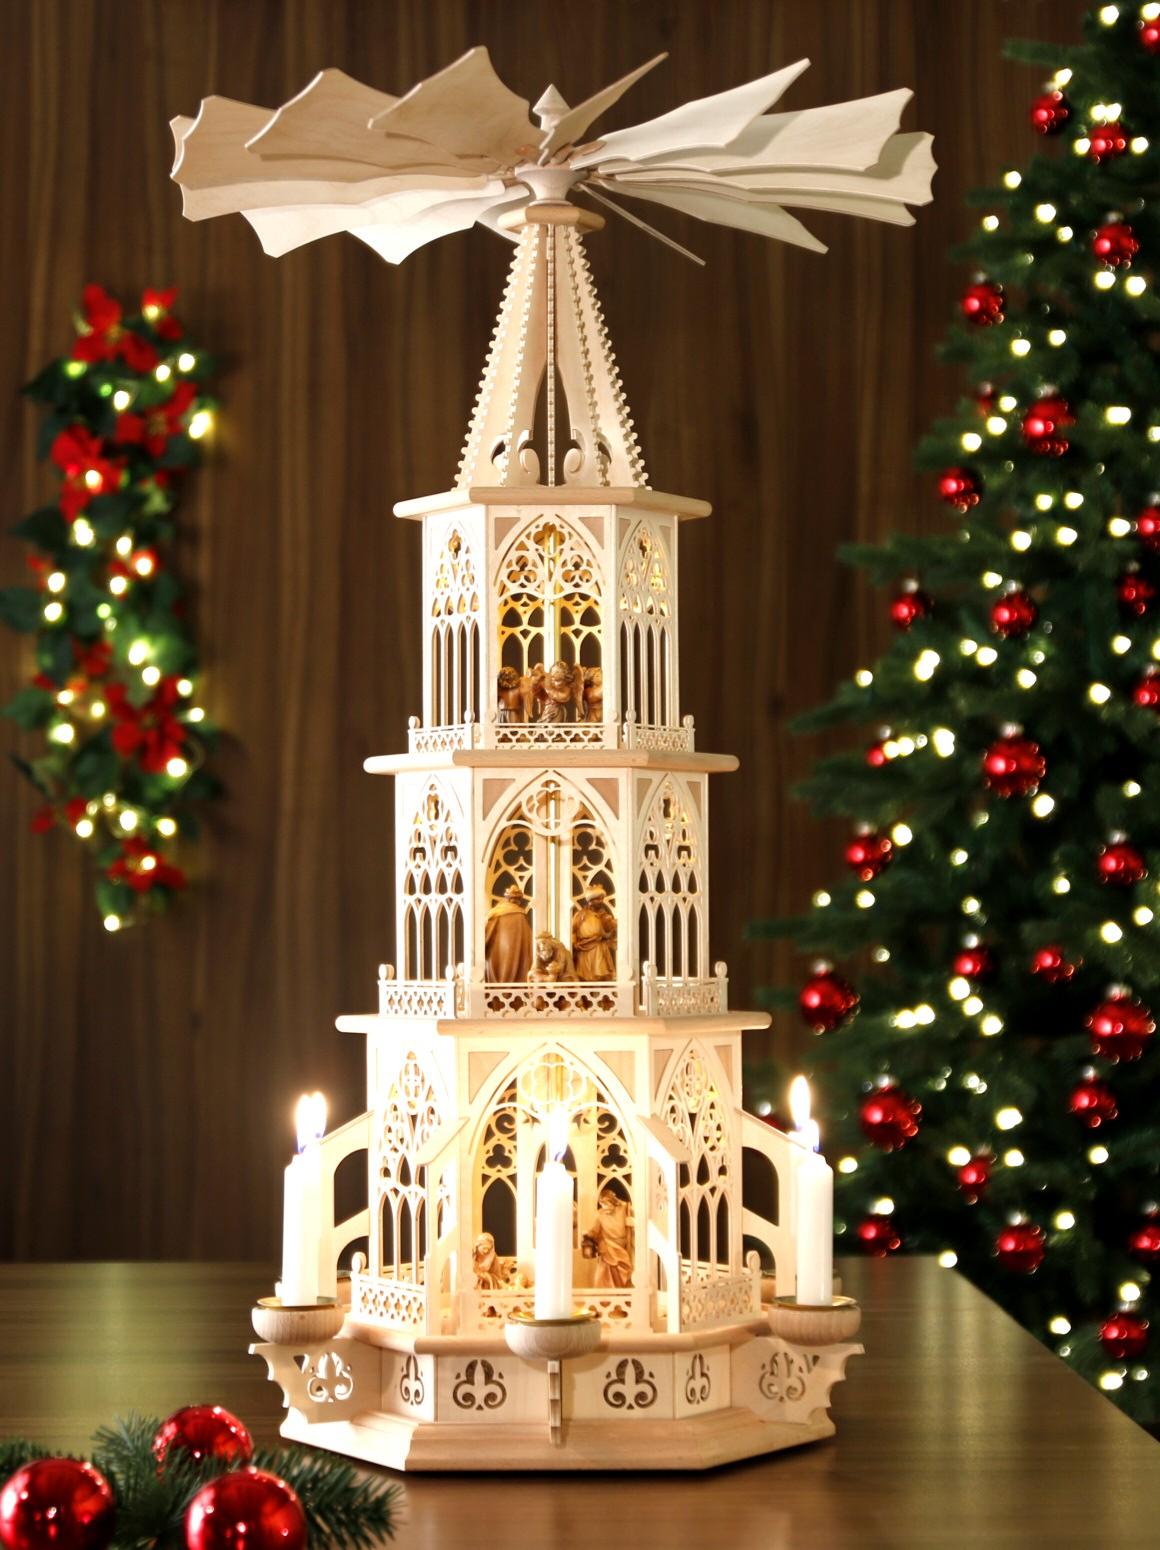 original weihnachtspyramiden aus dem erzgebirge gotische pyramide christi geburt mit kerzen. Black Bedroom Furniture Sets. Home Design Ideas